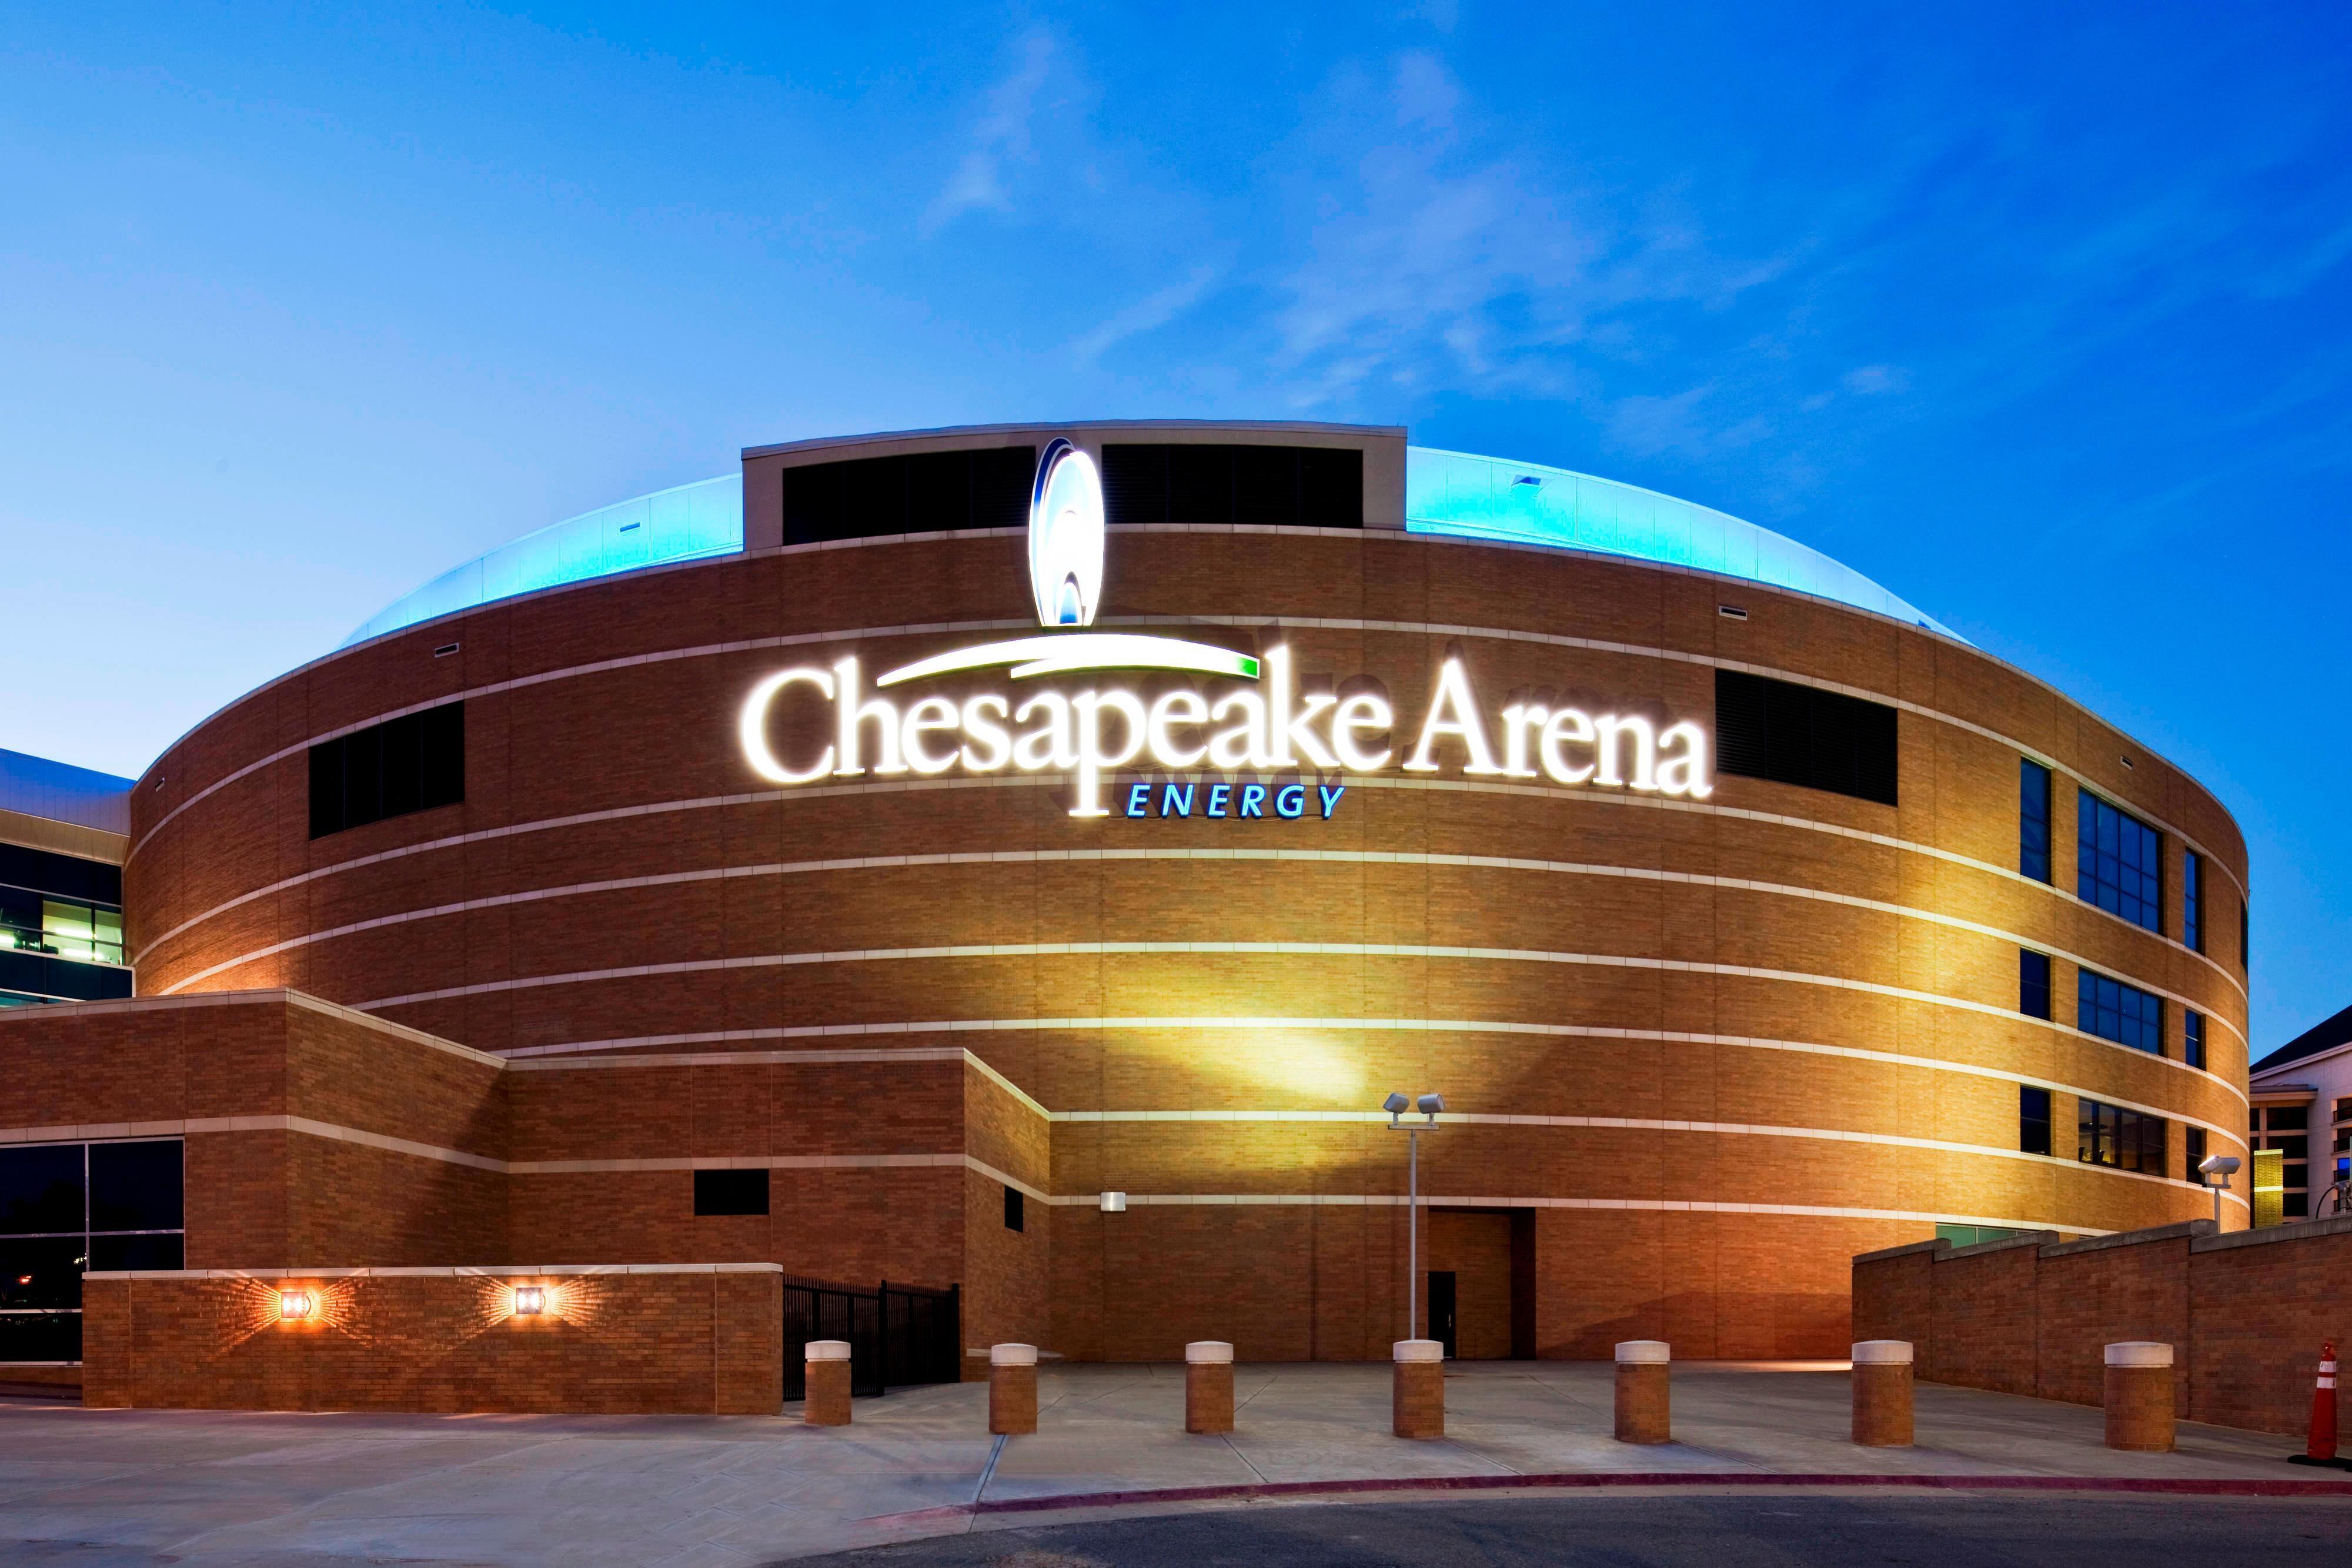 Chesapeake Arena